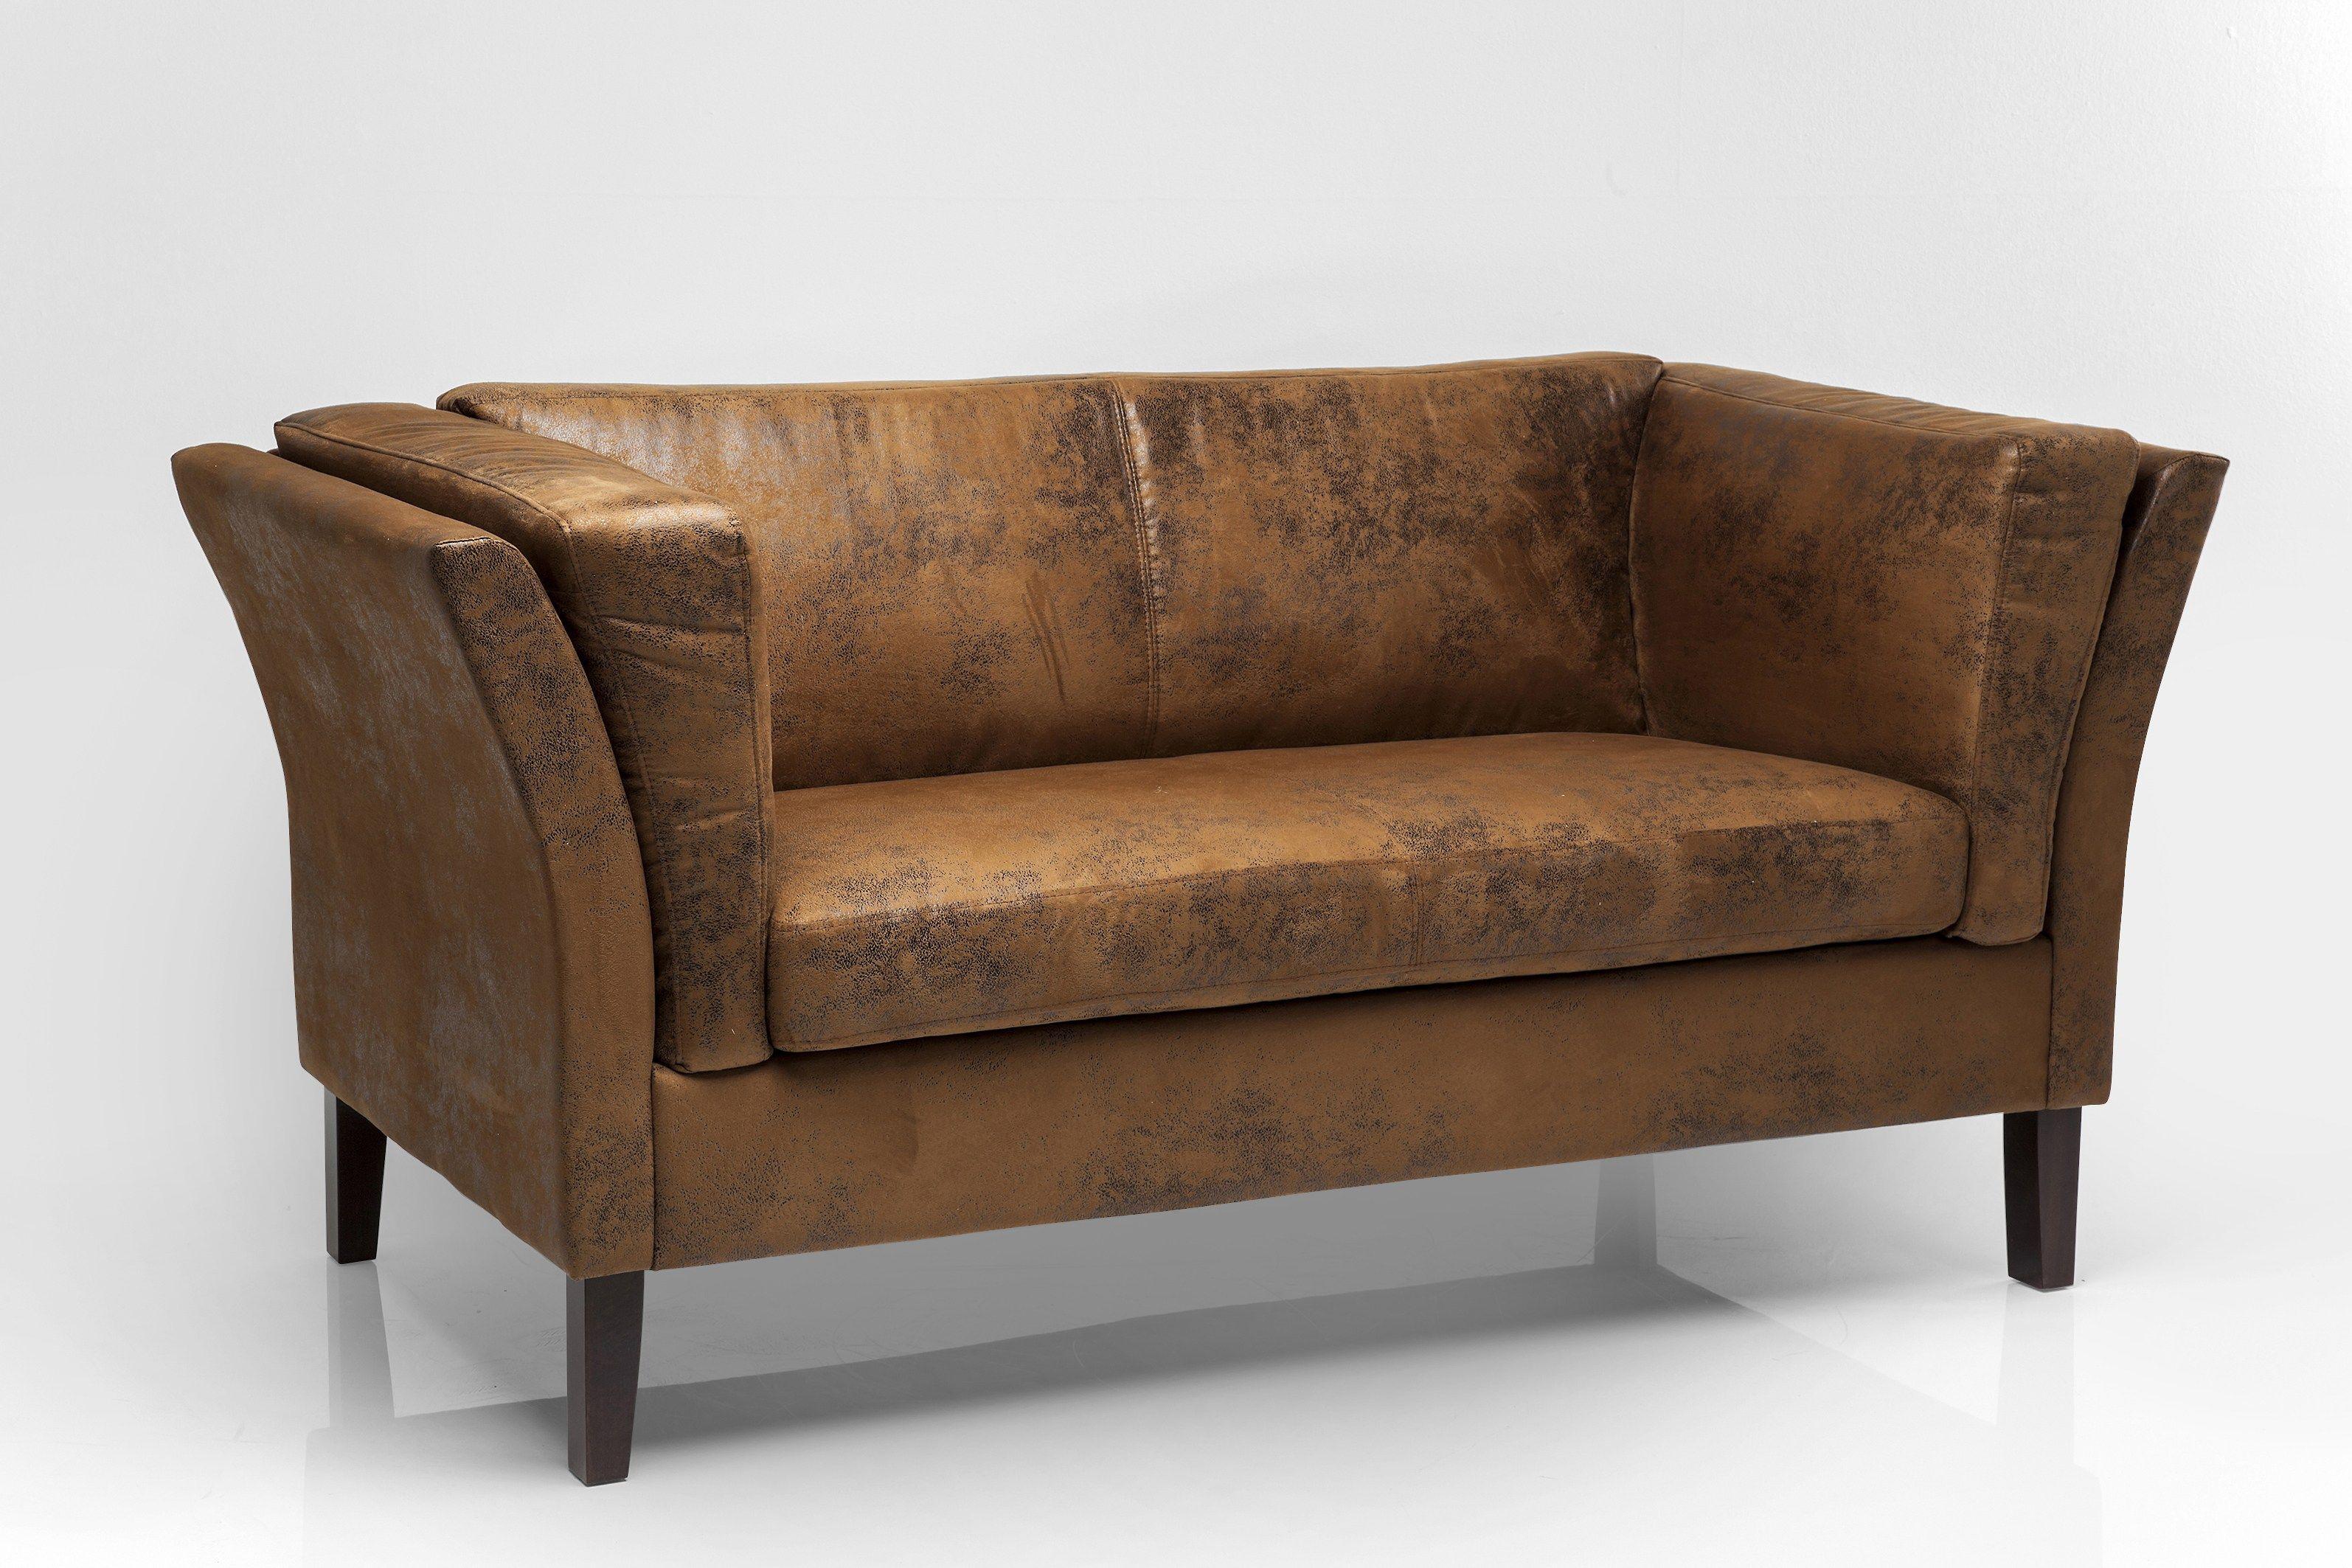 Divano imbottito in pelle a 2 posti canapee vintage eco by kare design - Piccolo divano imbottito ...